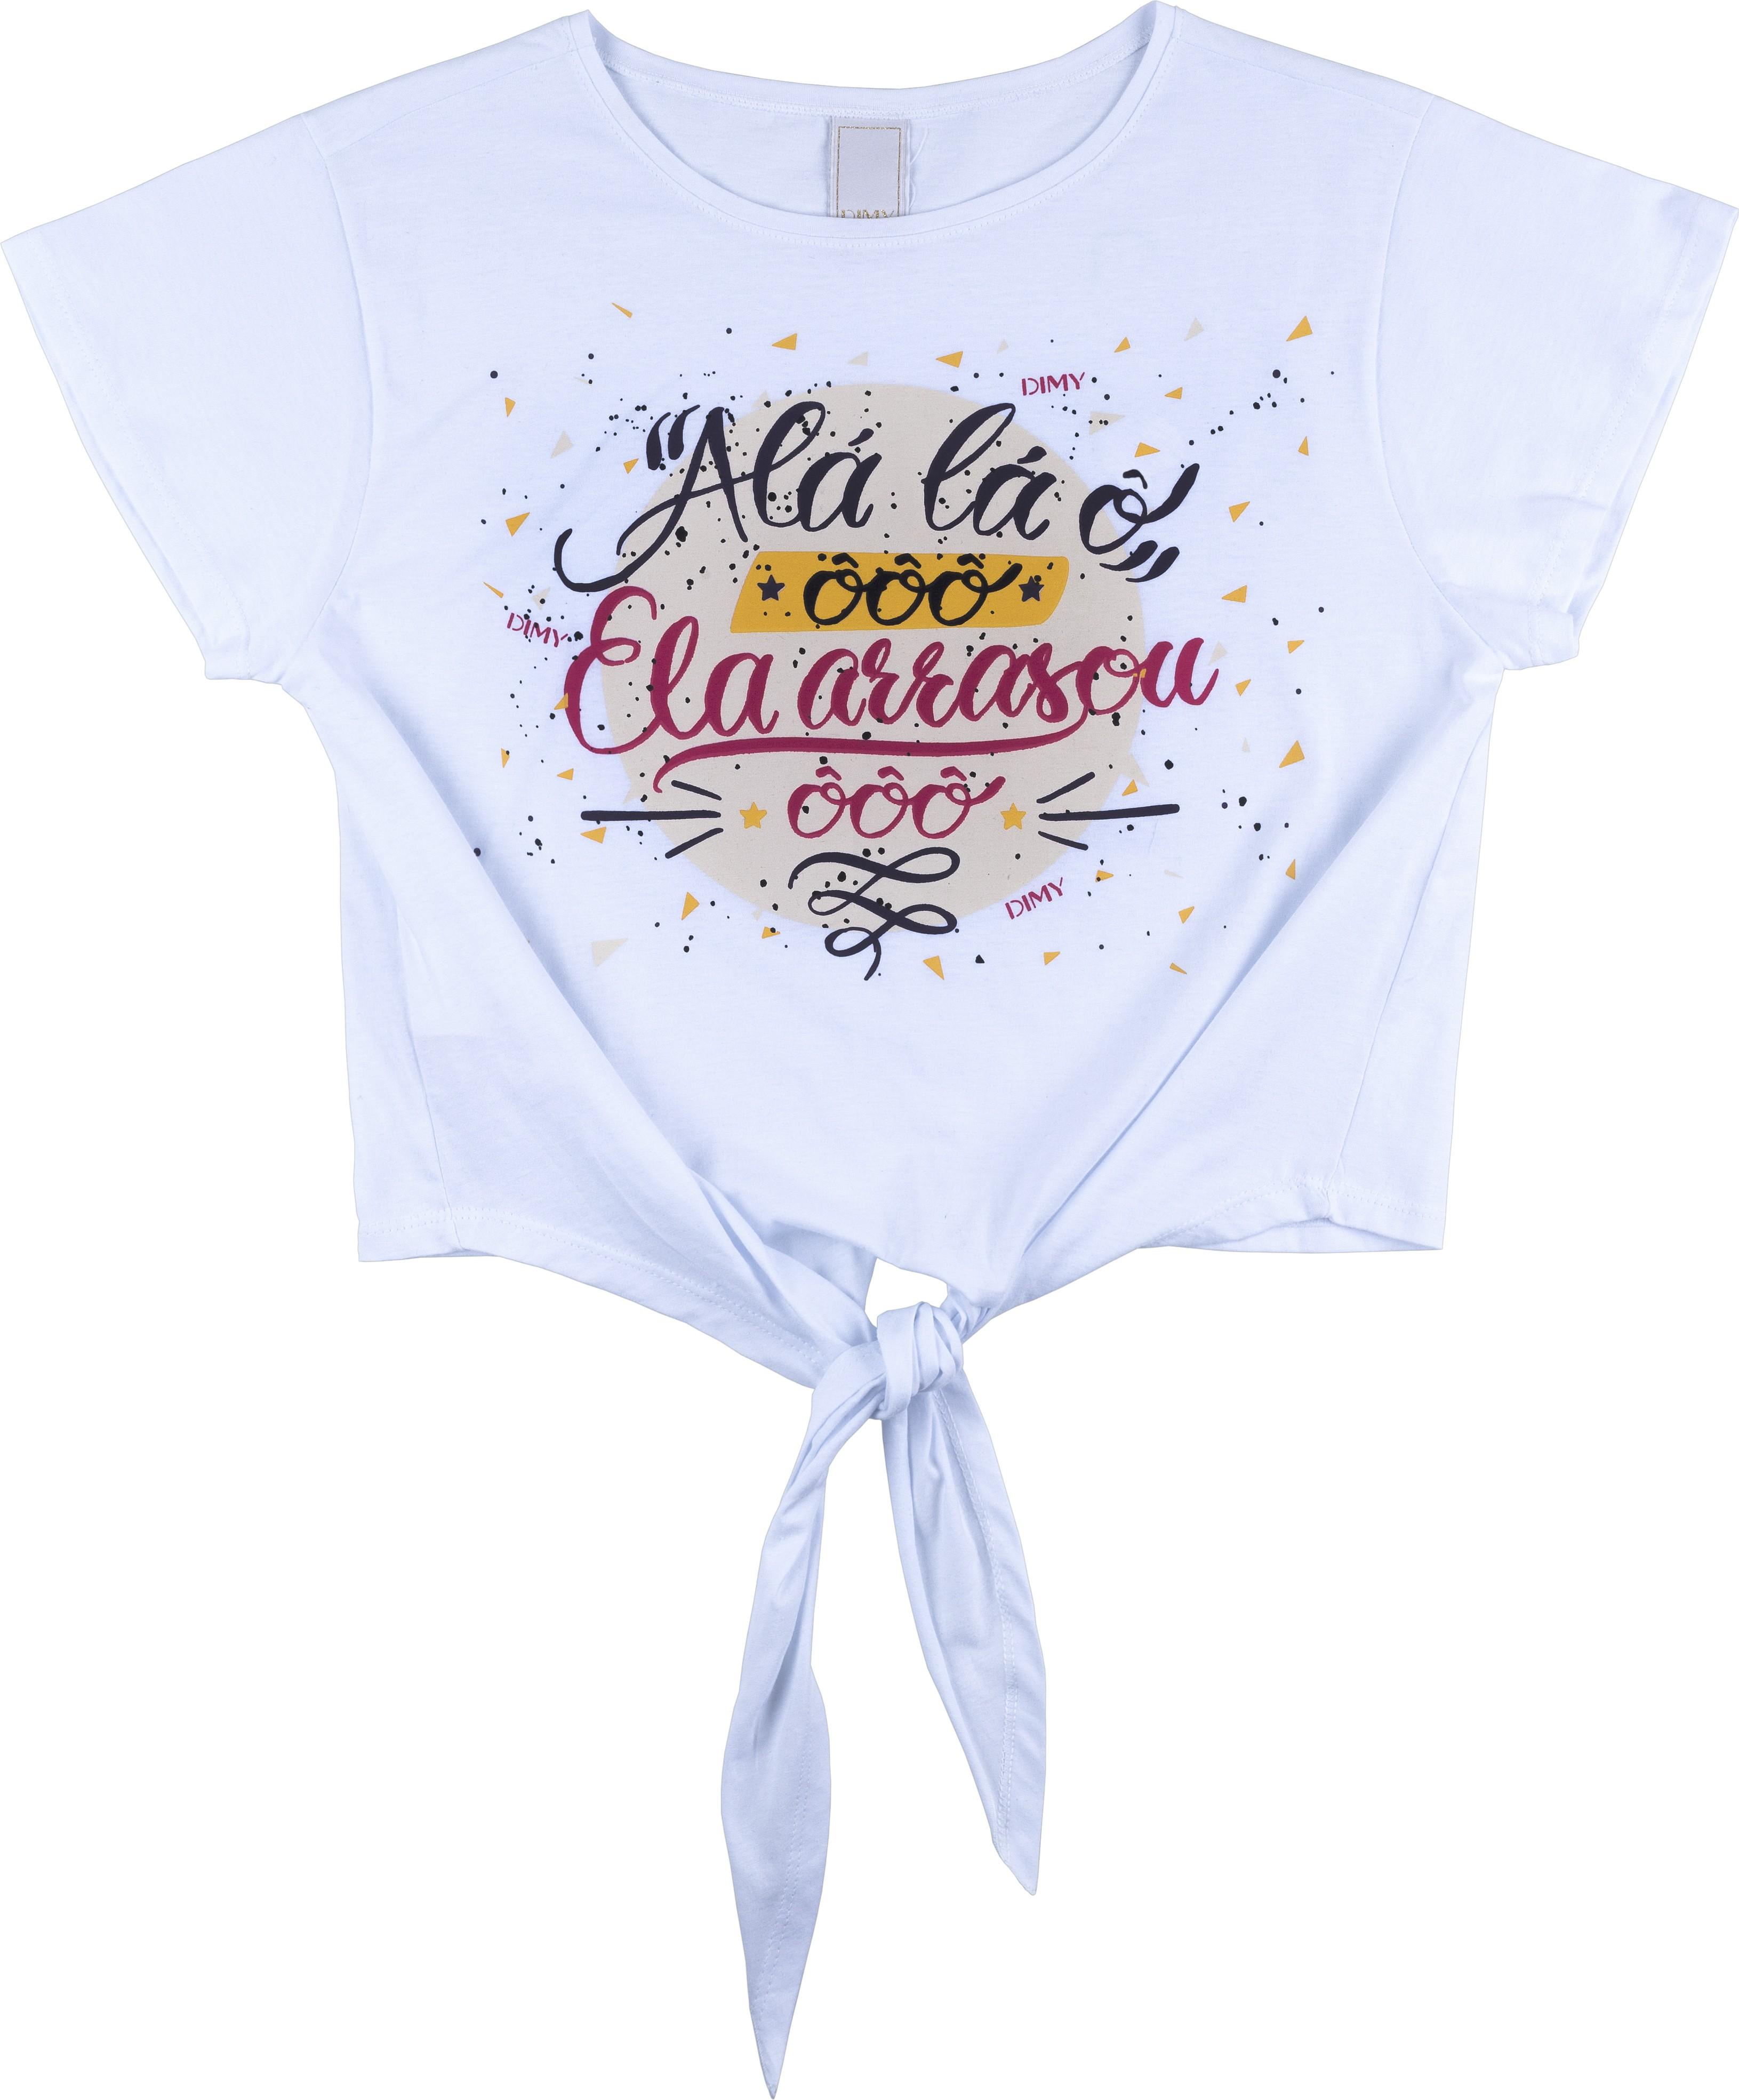 Camiseta de amarrar com escritas de carnaval (Foto: Divulgação / Dimy)